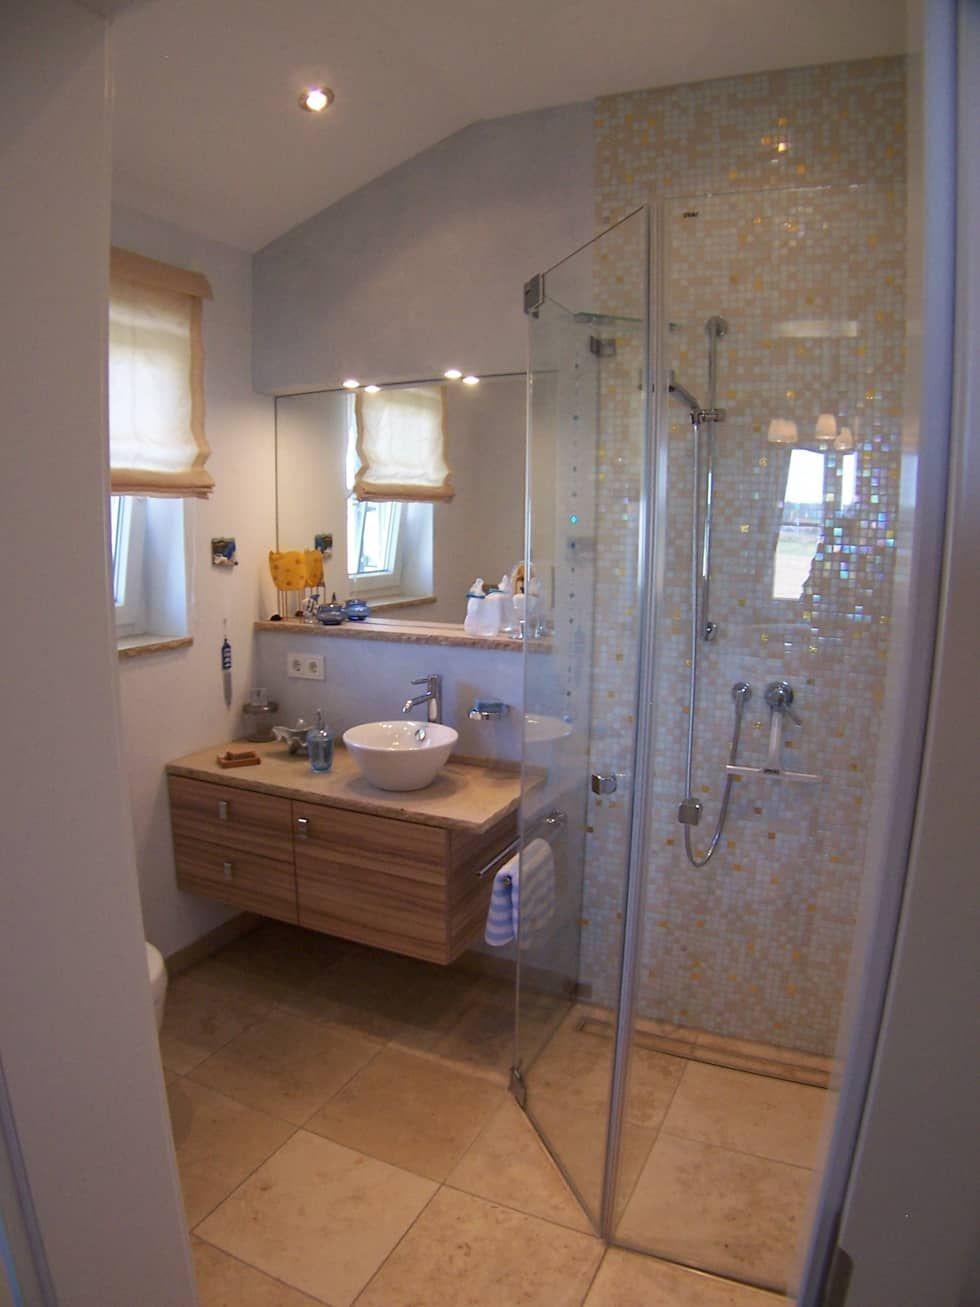 Bad Landhausstil 2 Badezimmer Im Landhausstil Von Pfriem Innenarchitektur Landhaus Homify Modernes Badezimmer Kleine Badezimmer Haus